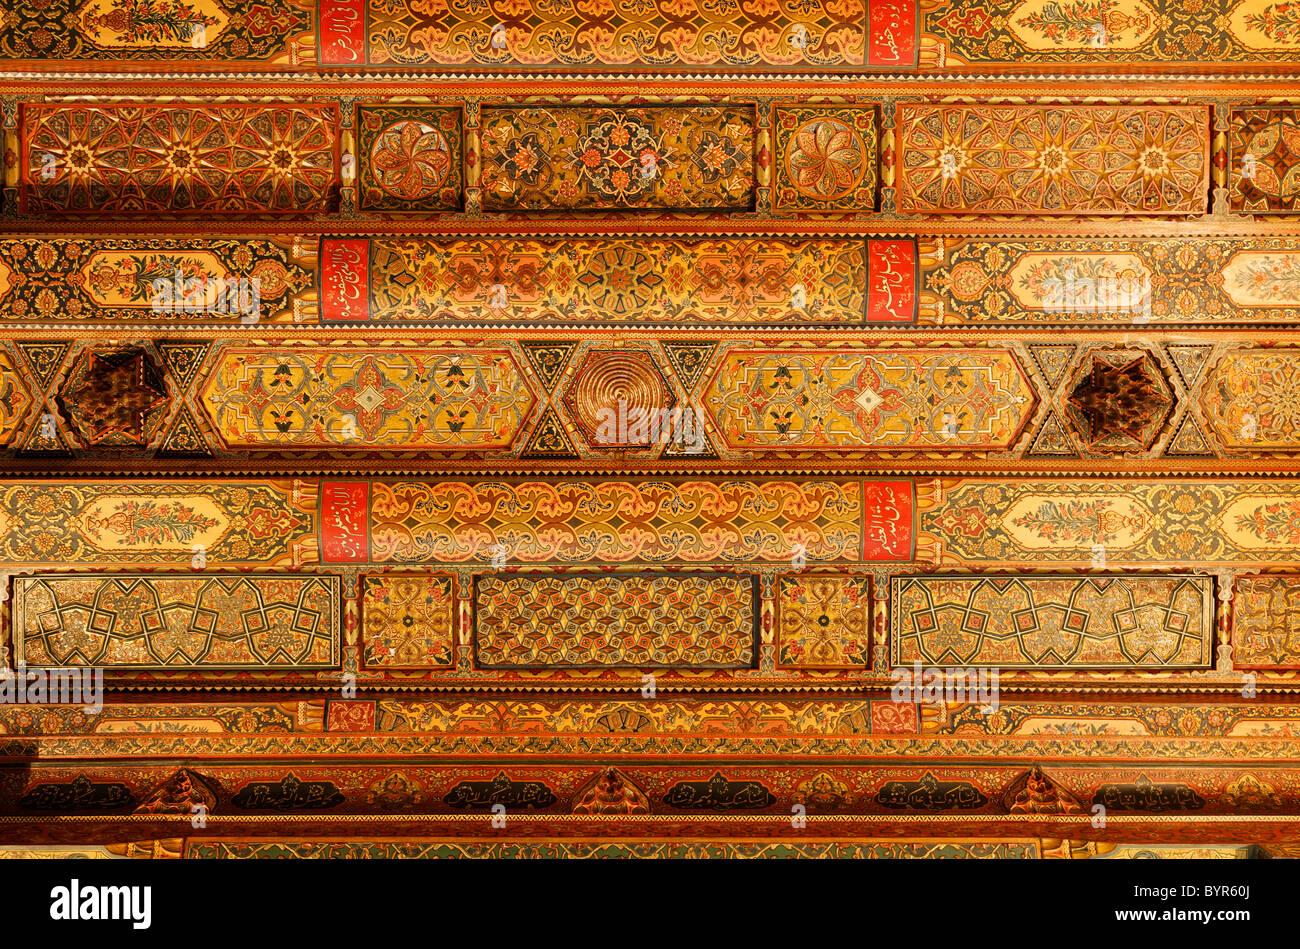 Ornato soffitto all'interno di the gatehouse della cittadella di Aleppo, Siria Immagini Stock